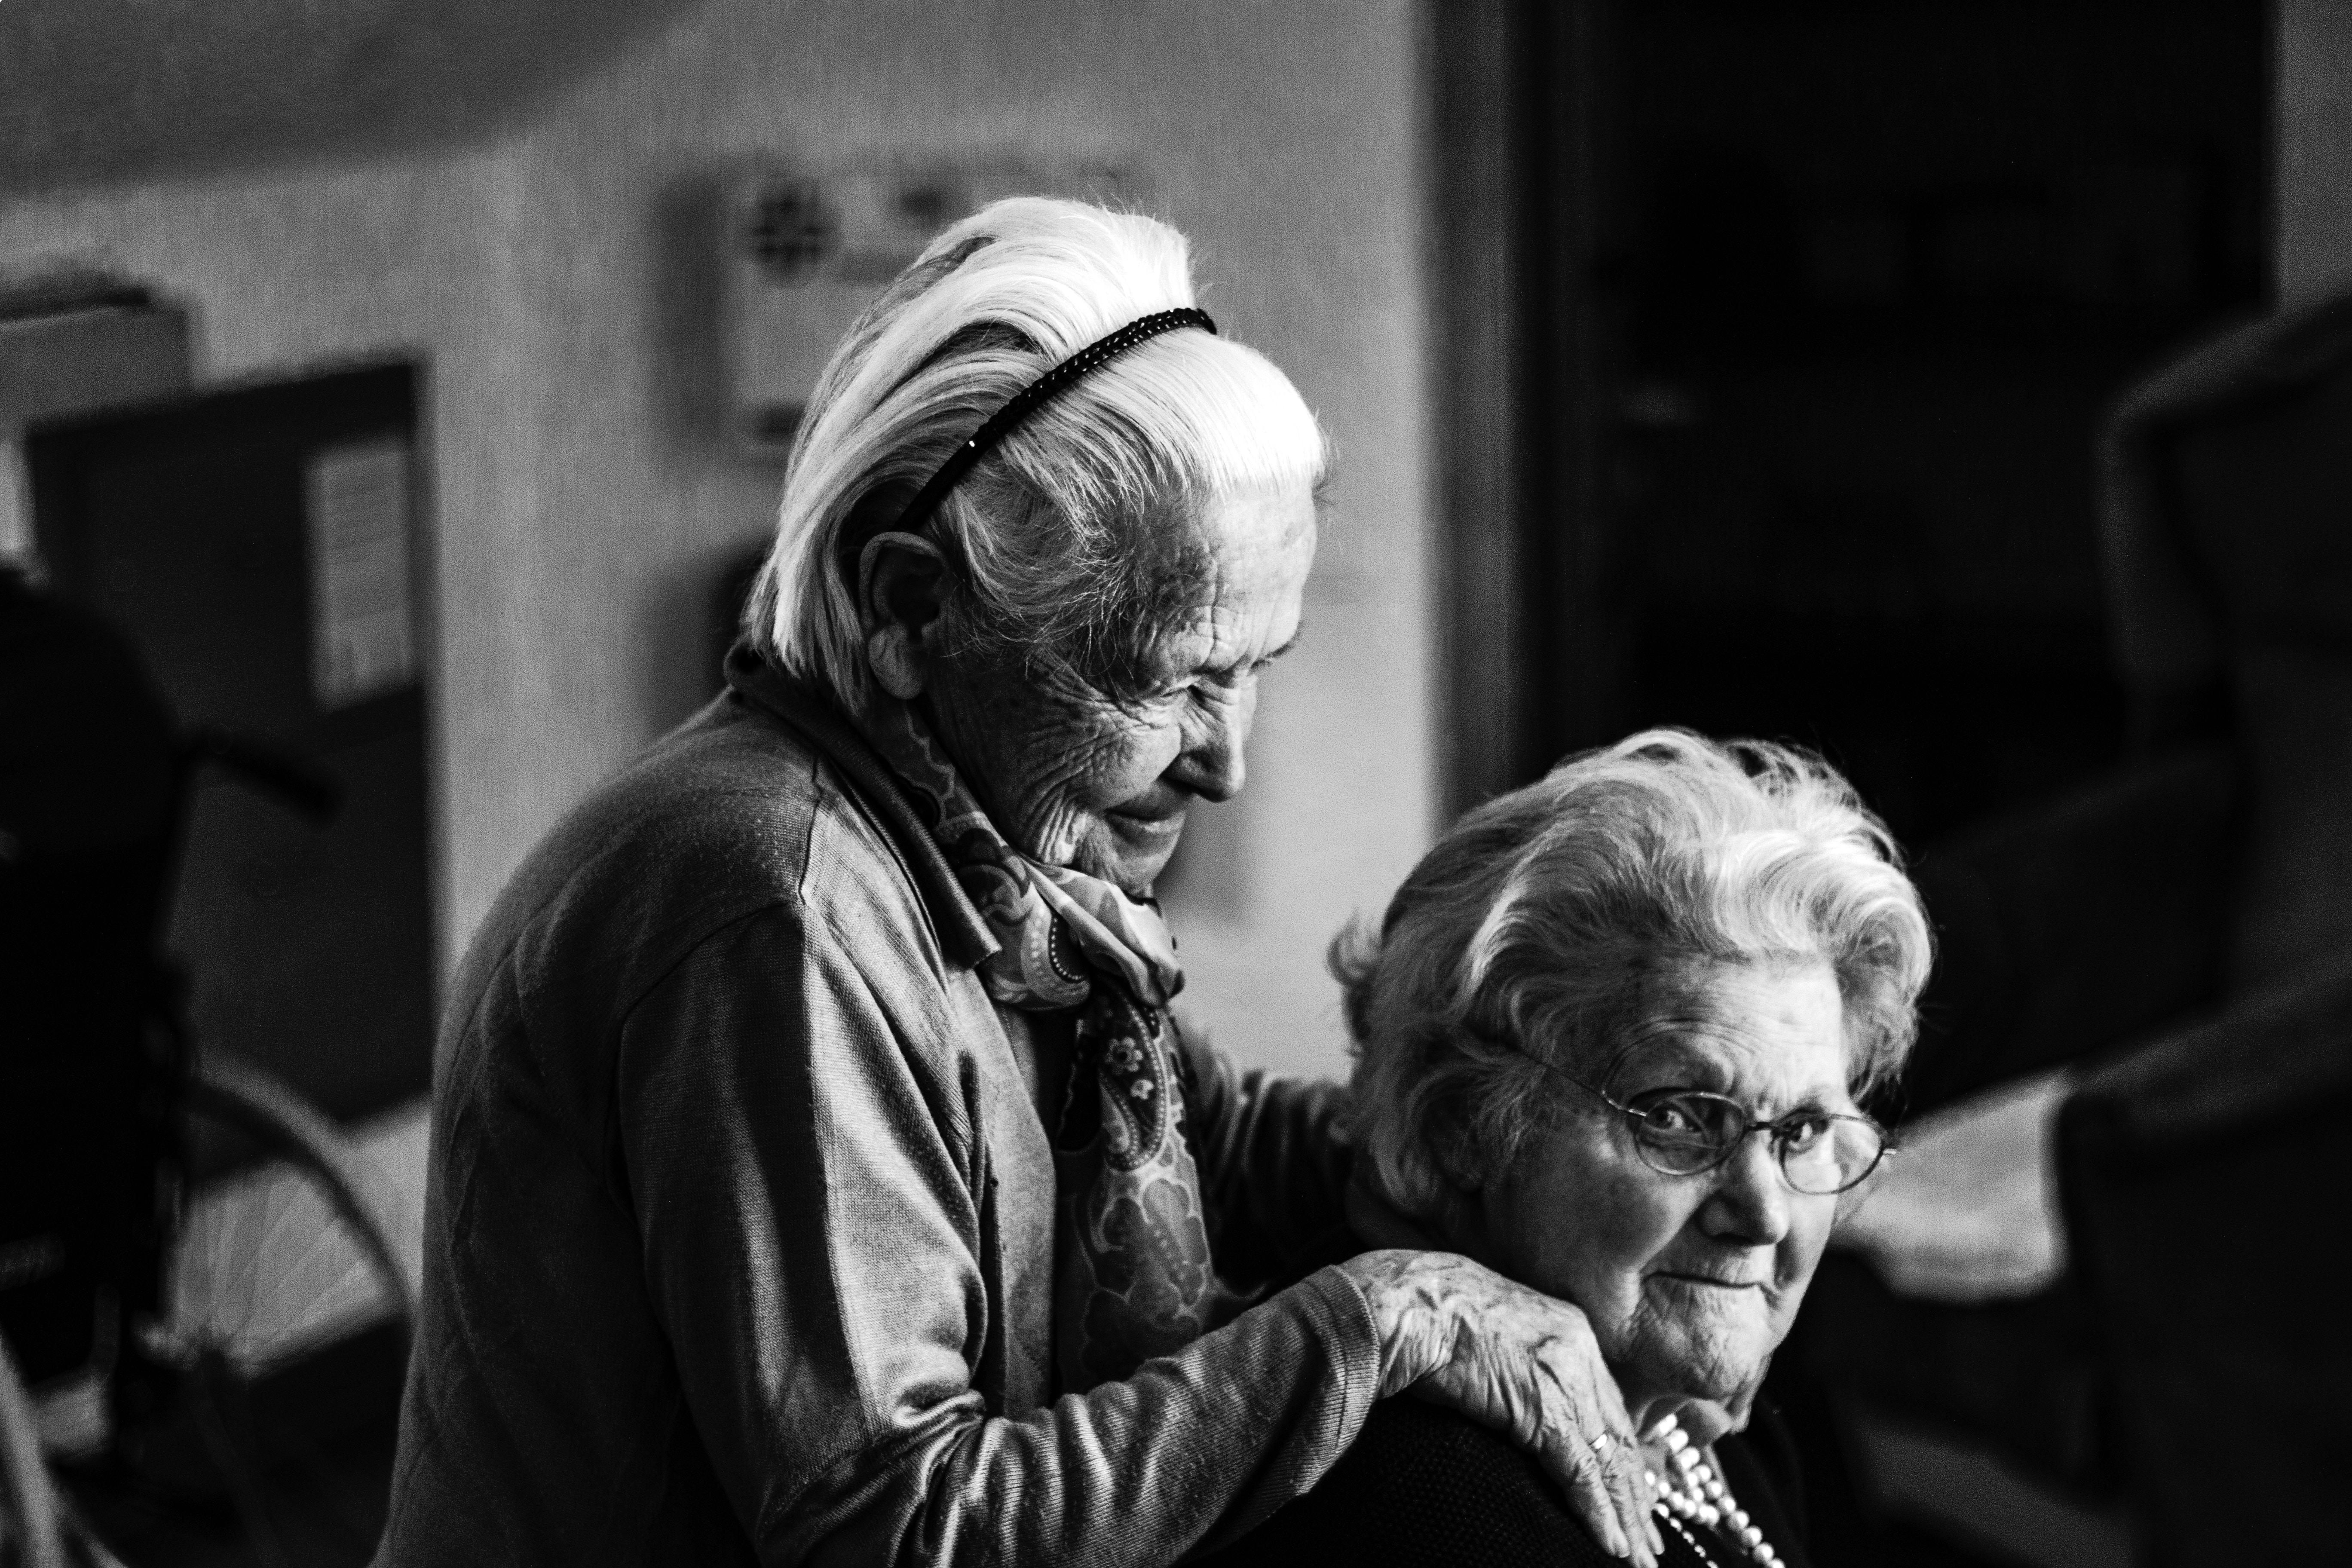 Zatímco vroce 1850 se lidé dožívali vprůměru pětačtyřiceti let, a pokud bylo někomu padesát, byl už starý, dnes se dožíváme běžně osmdesáti i více let. Vliv na to má nejen zdravý životní styl, ale třeba i pocit samoty. Jak se tedy spolehlivě dožít co nejvyššího věku?